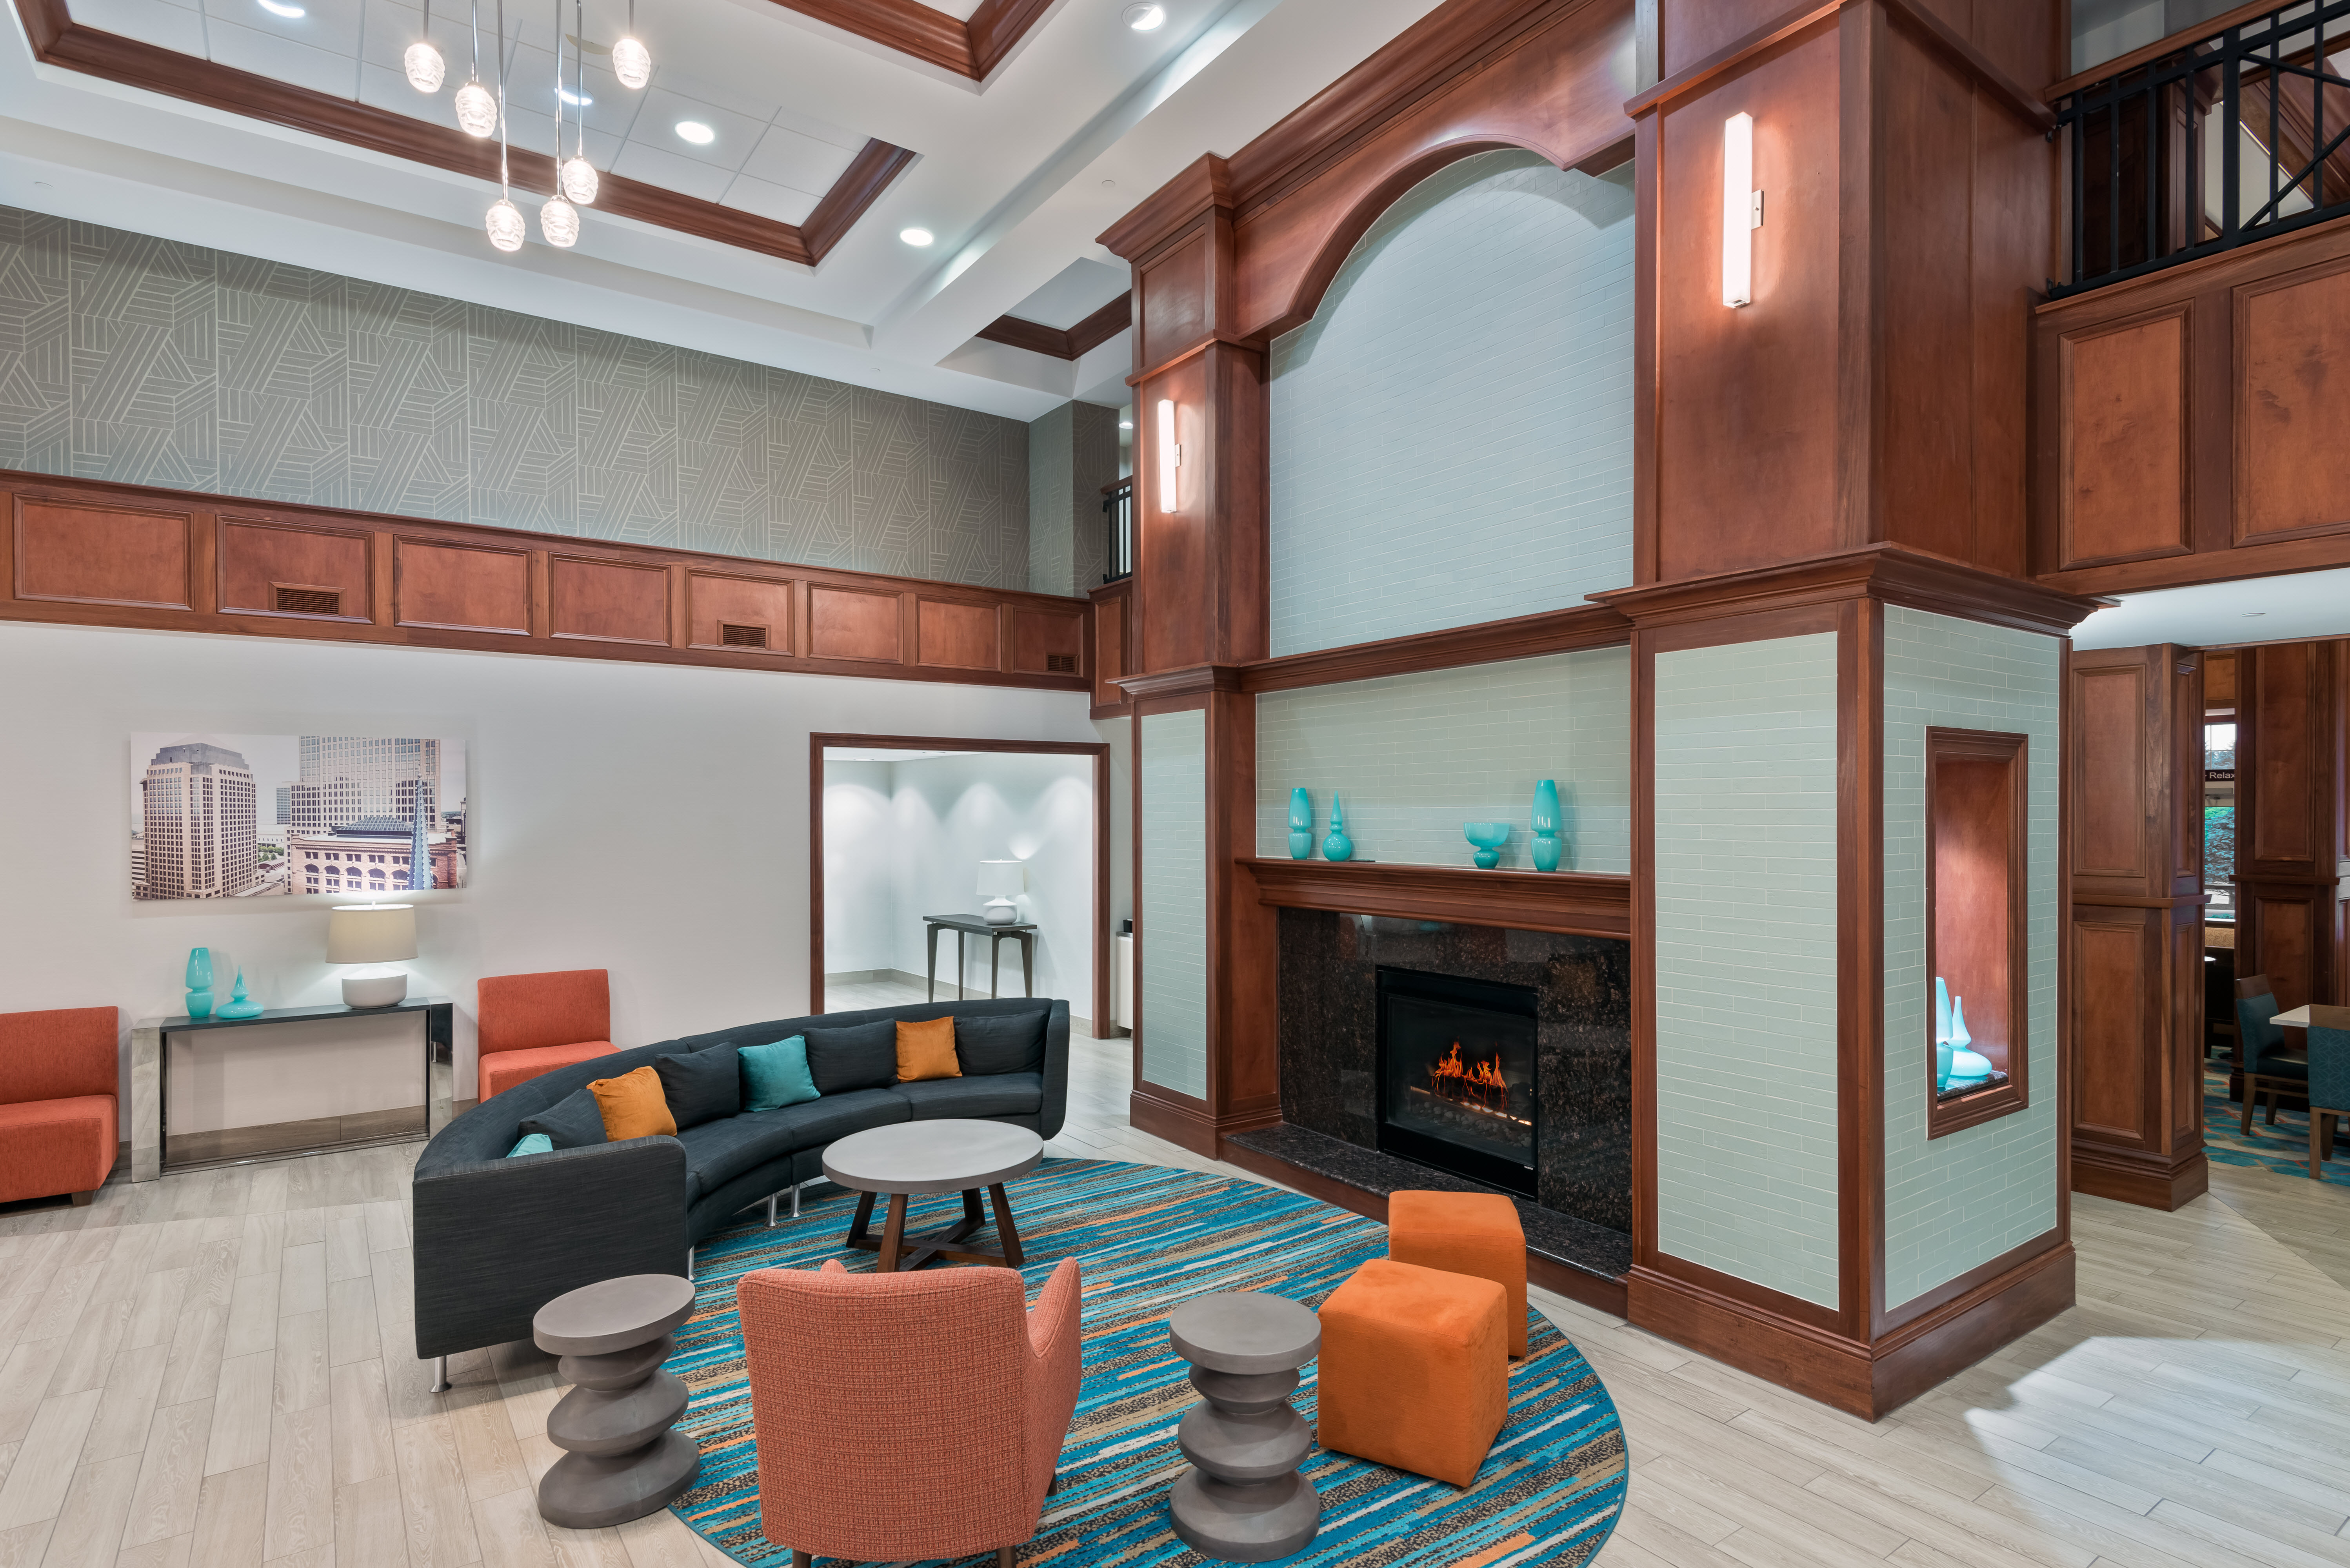 Homewood Suites by Hilton Cleveland-Beachwood image 29